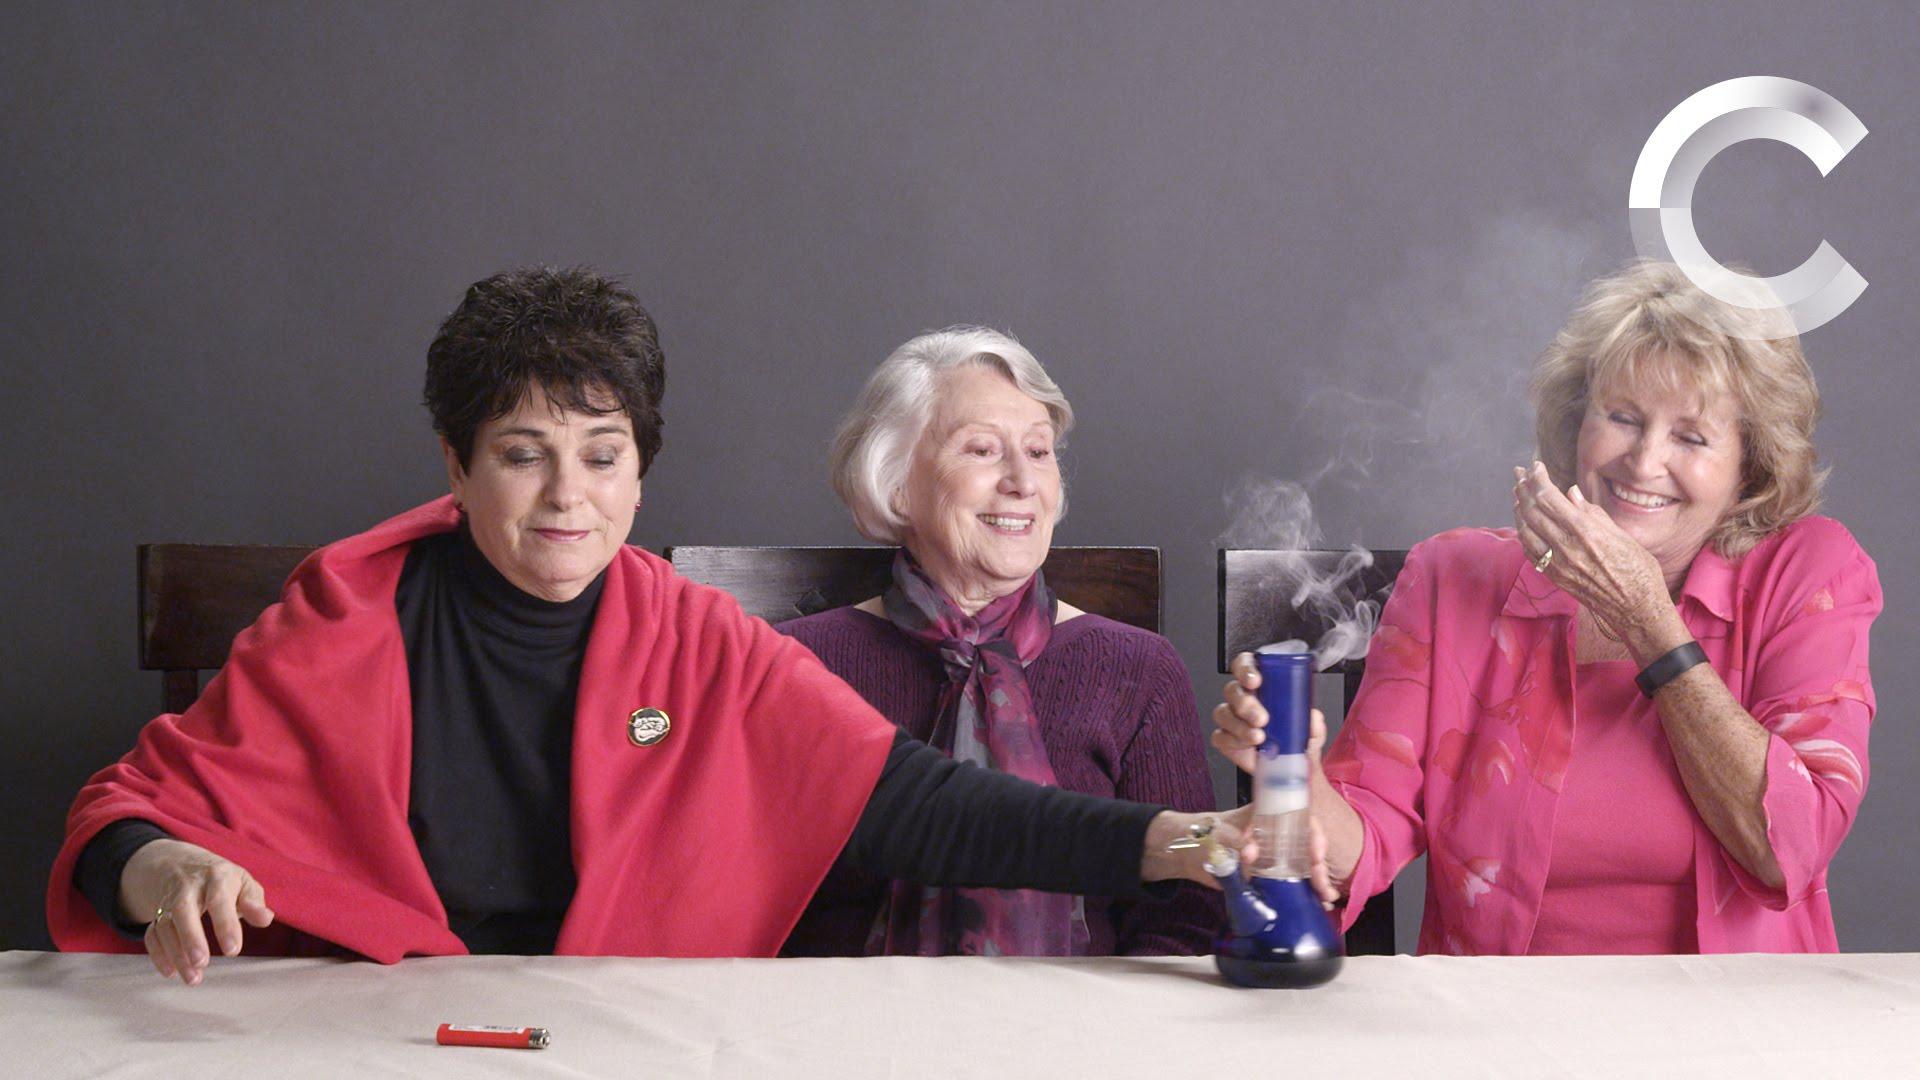 Las abuelitas y su reacción cuando fuman marihuana